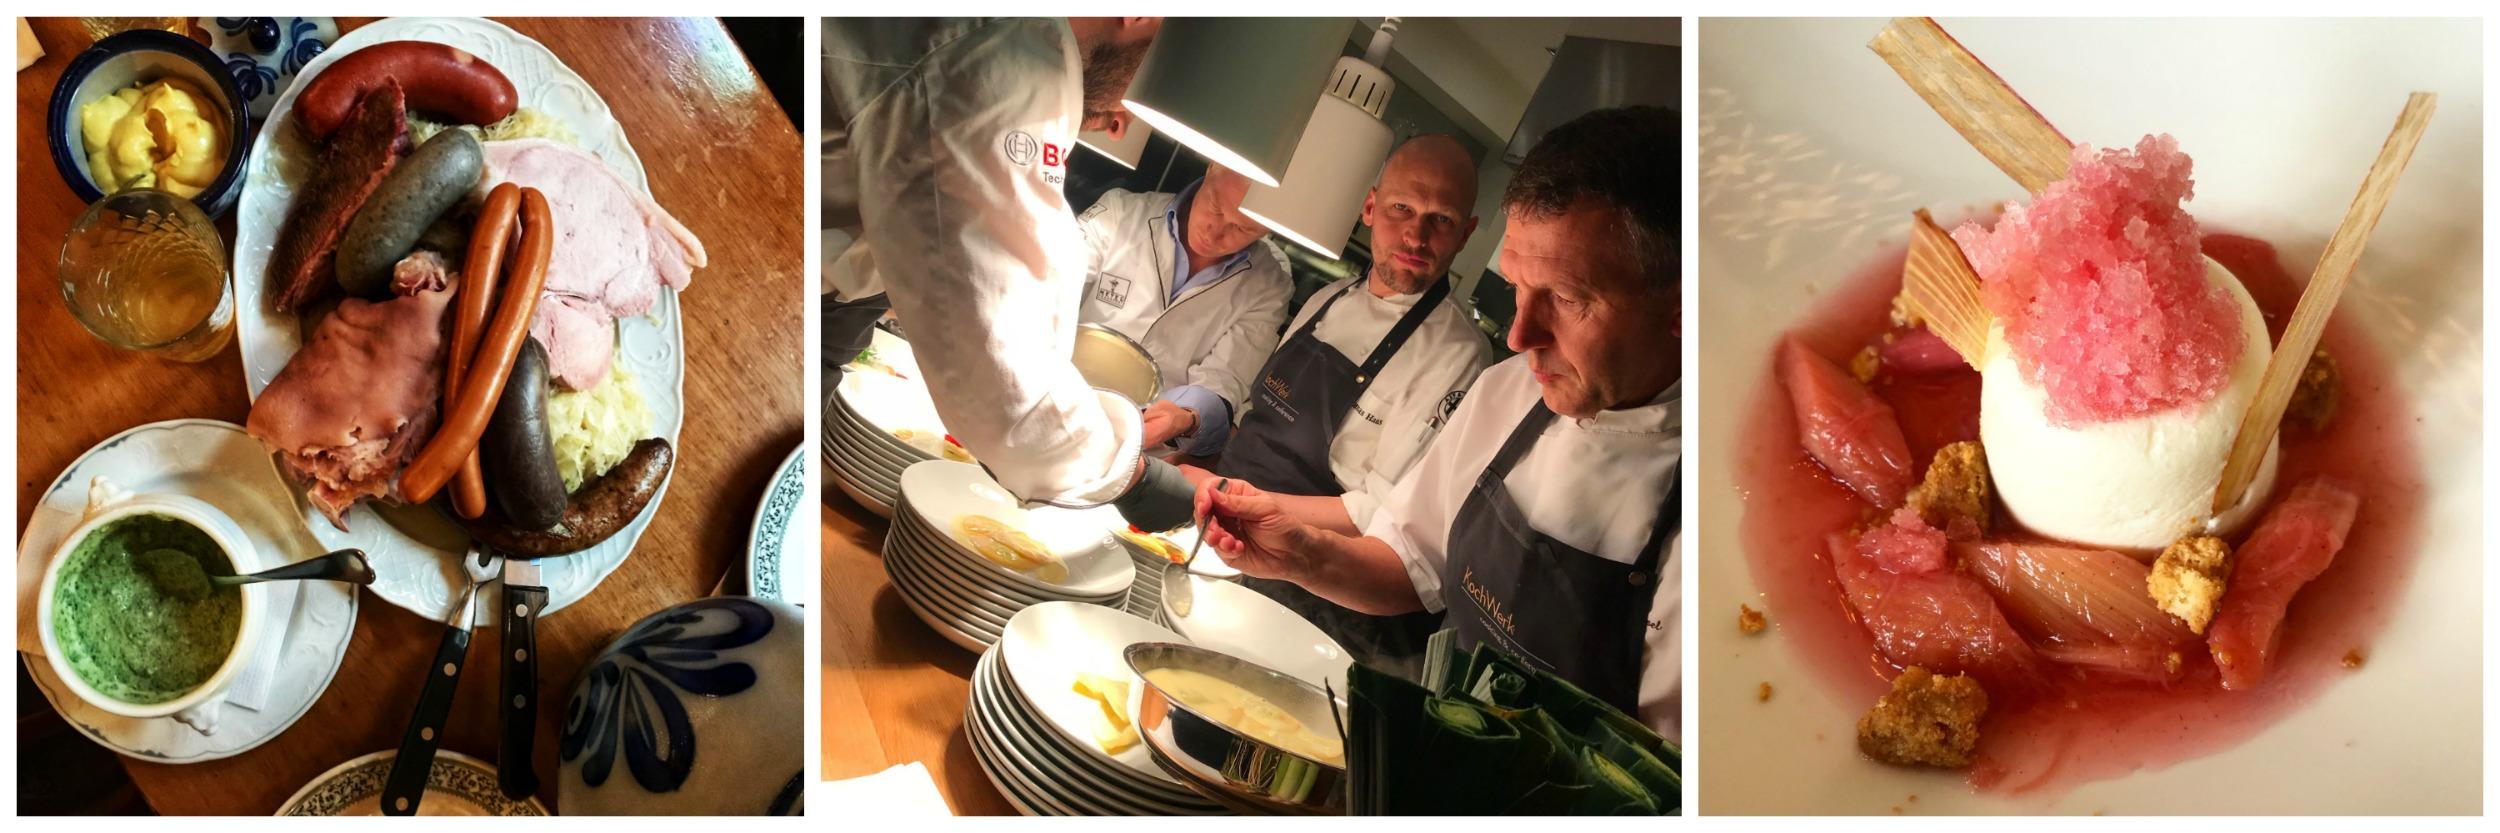 50 Jahre Food Editors Club U2013 Ein Kulinarisches Jubiläumswochende In  Frankfurt Am Main